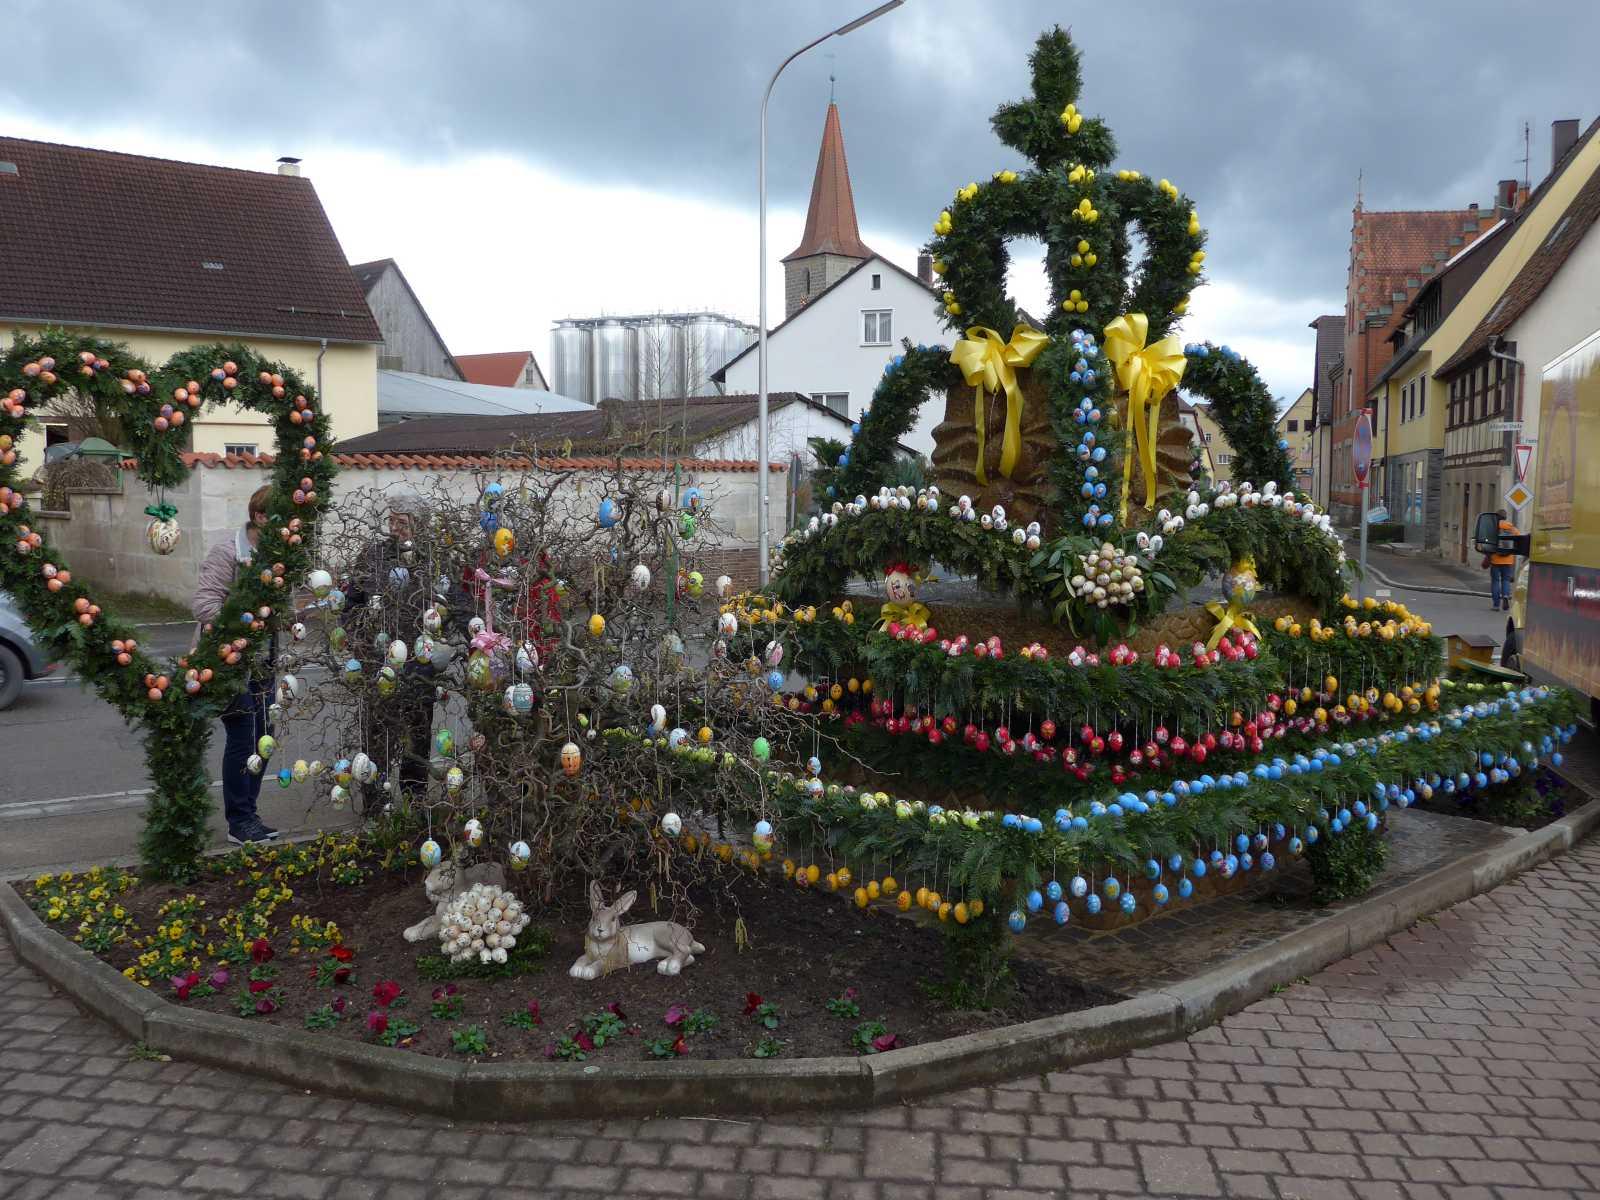 Leinburg